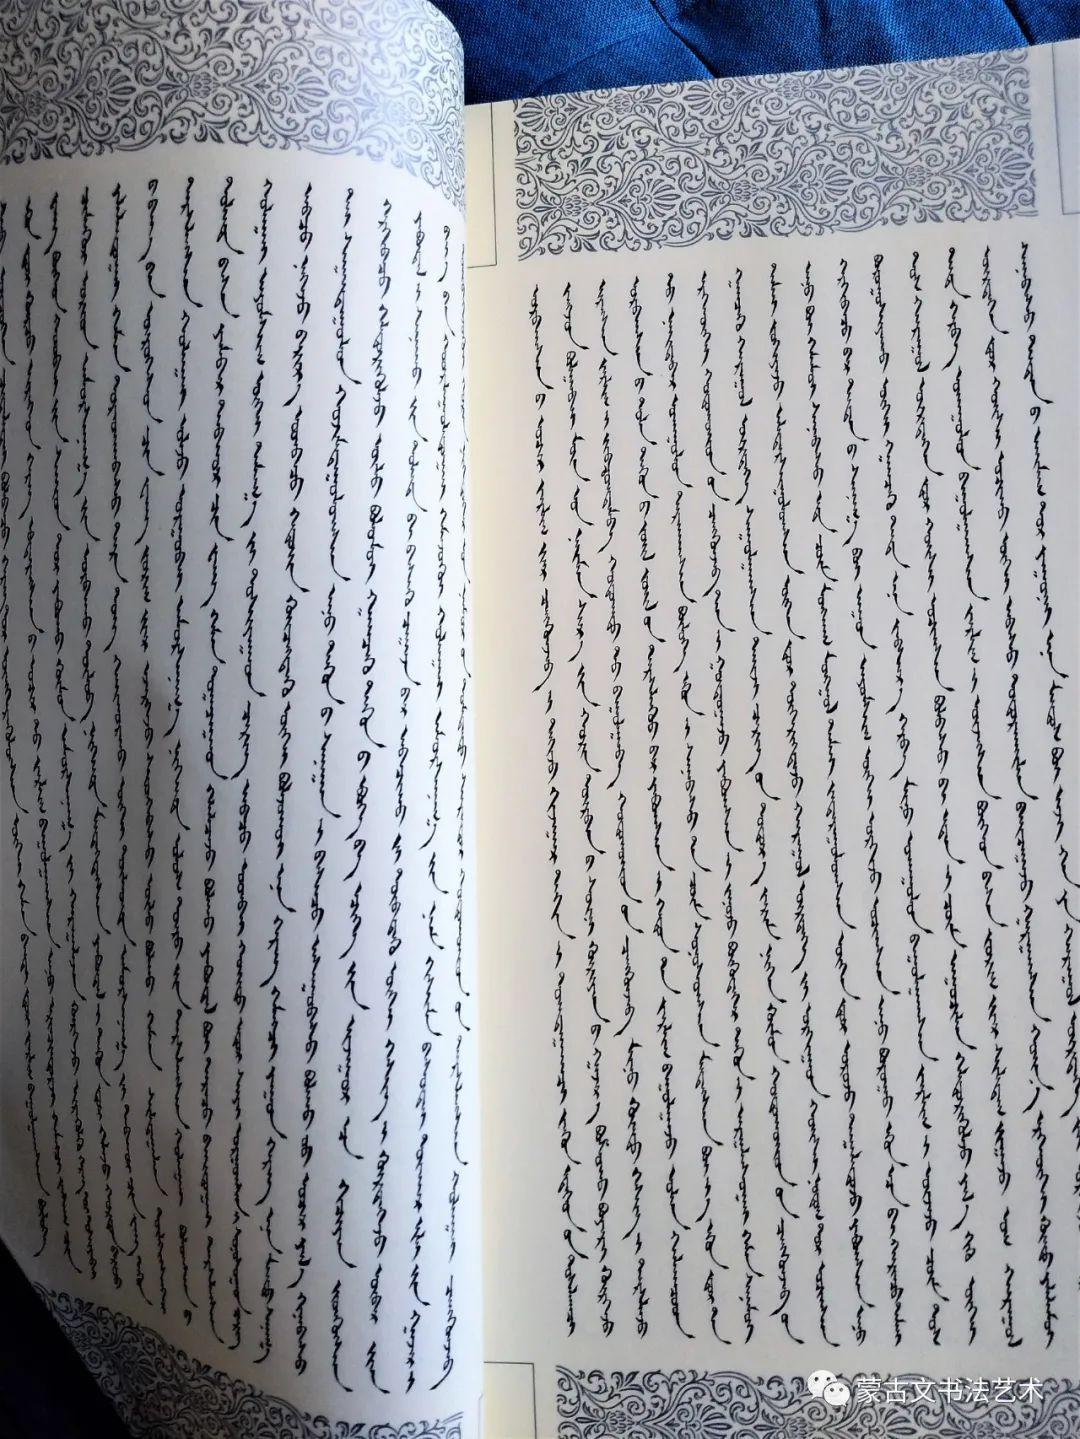 蒙古文经典文献当代书法名家手抄本之李金海《窝阔台之宝鬘》 第12张